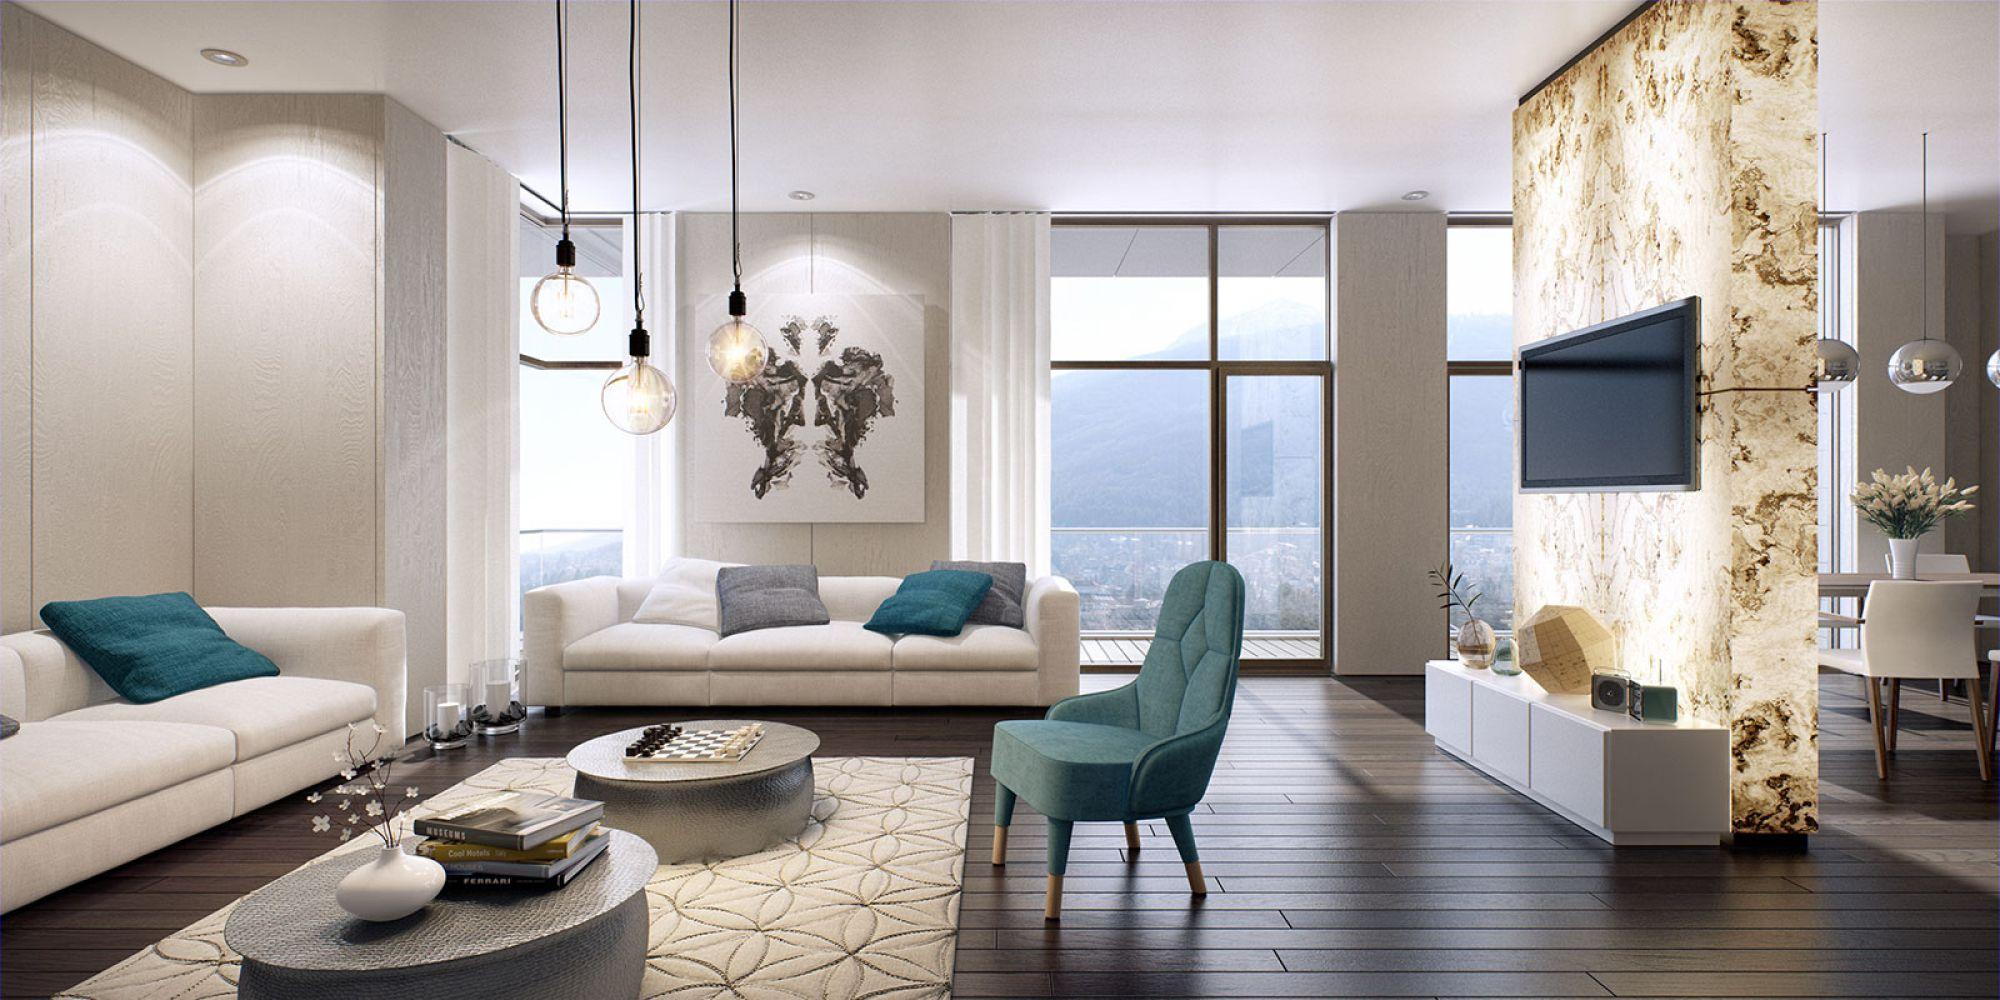 Модный ремонт квартиры 2017-2018 современные идеи